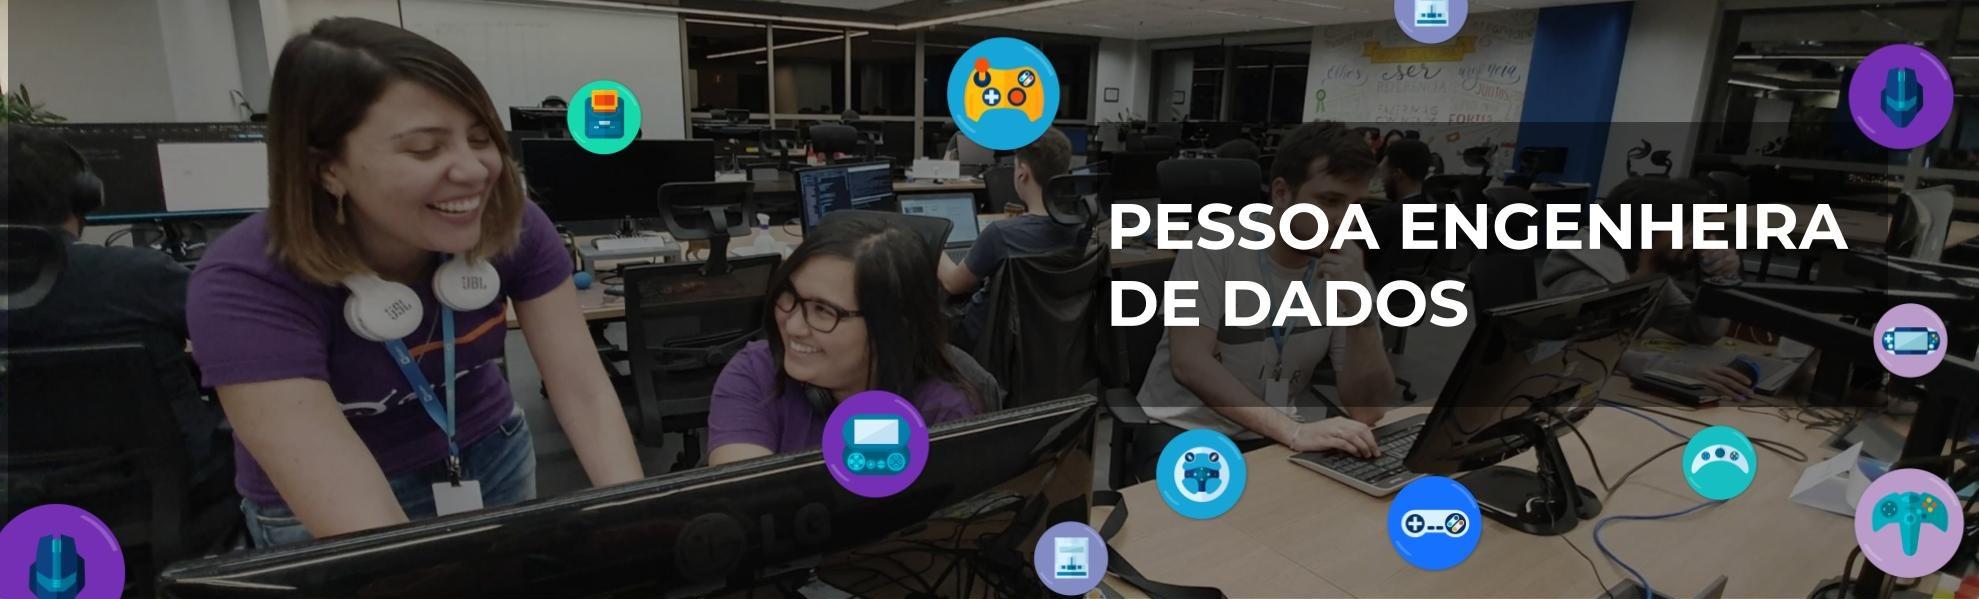 Pessoa Engenheira de Dados